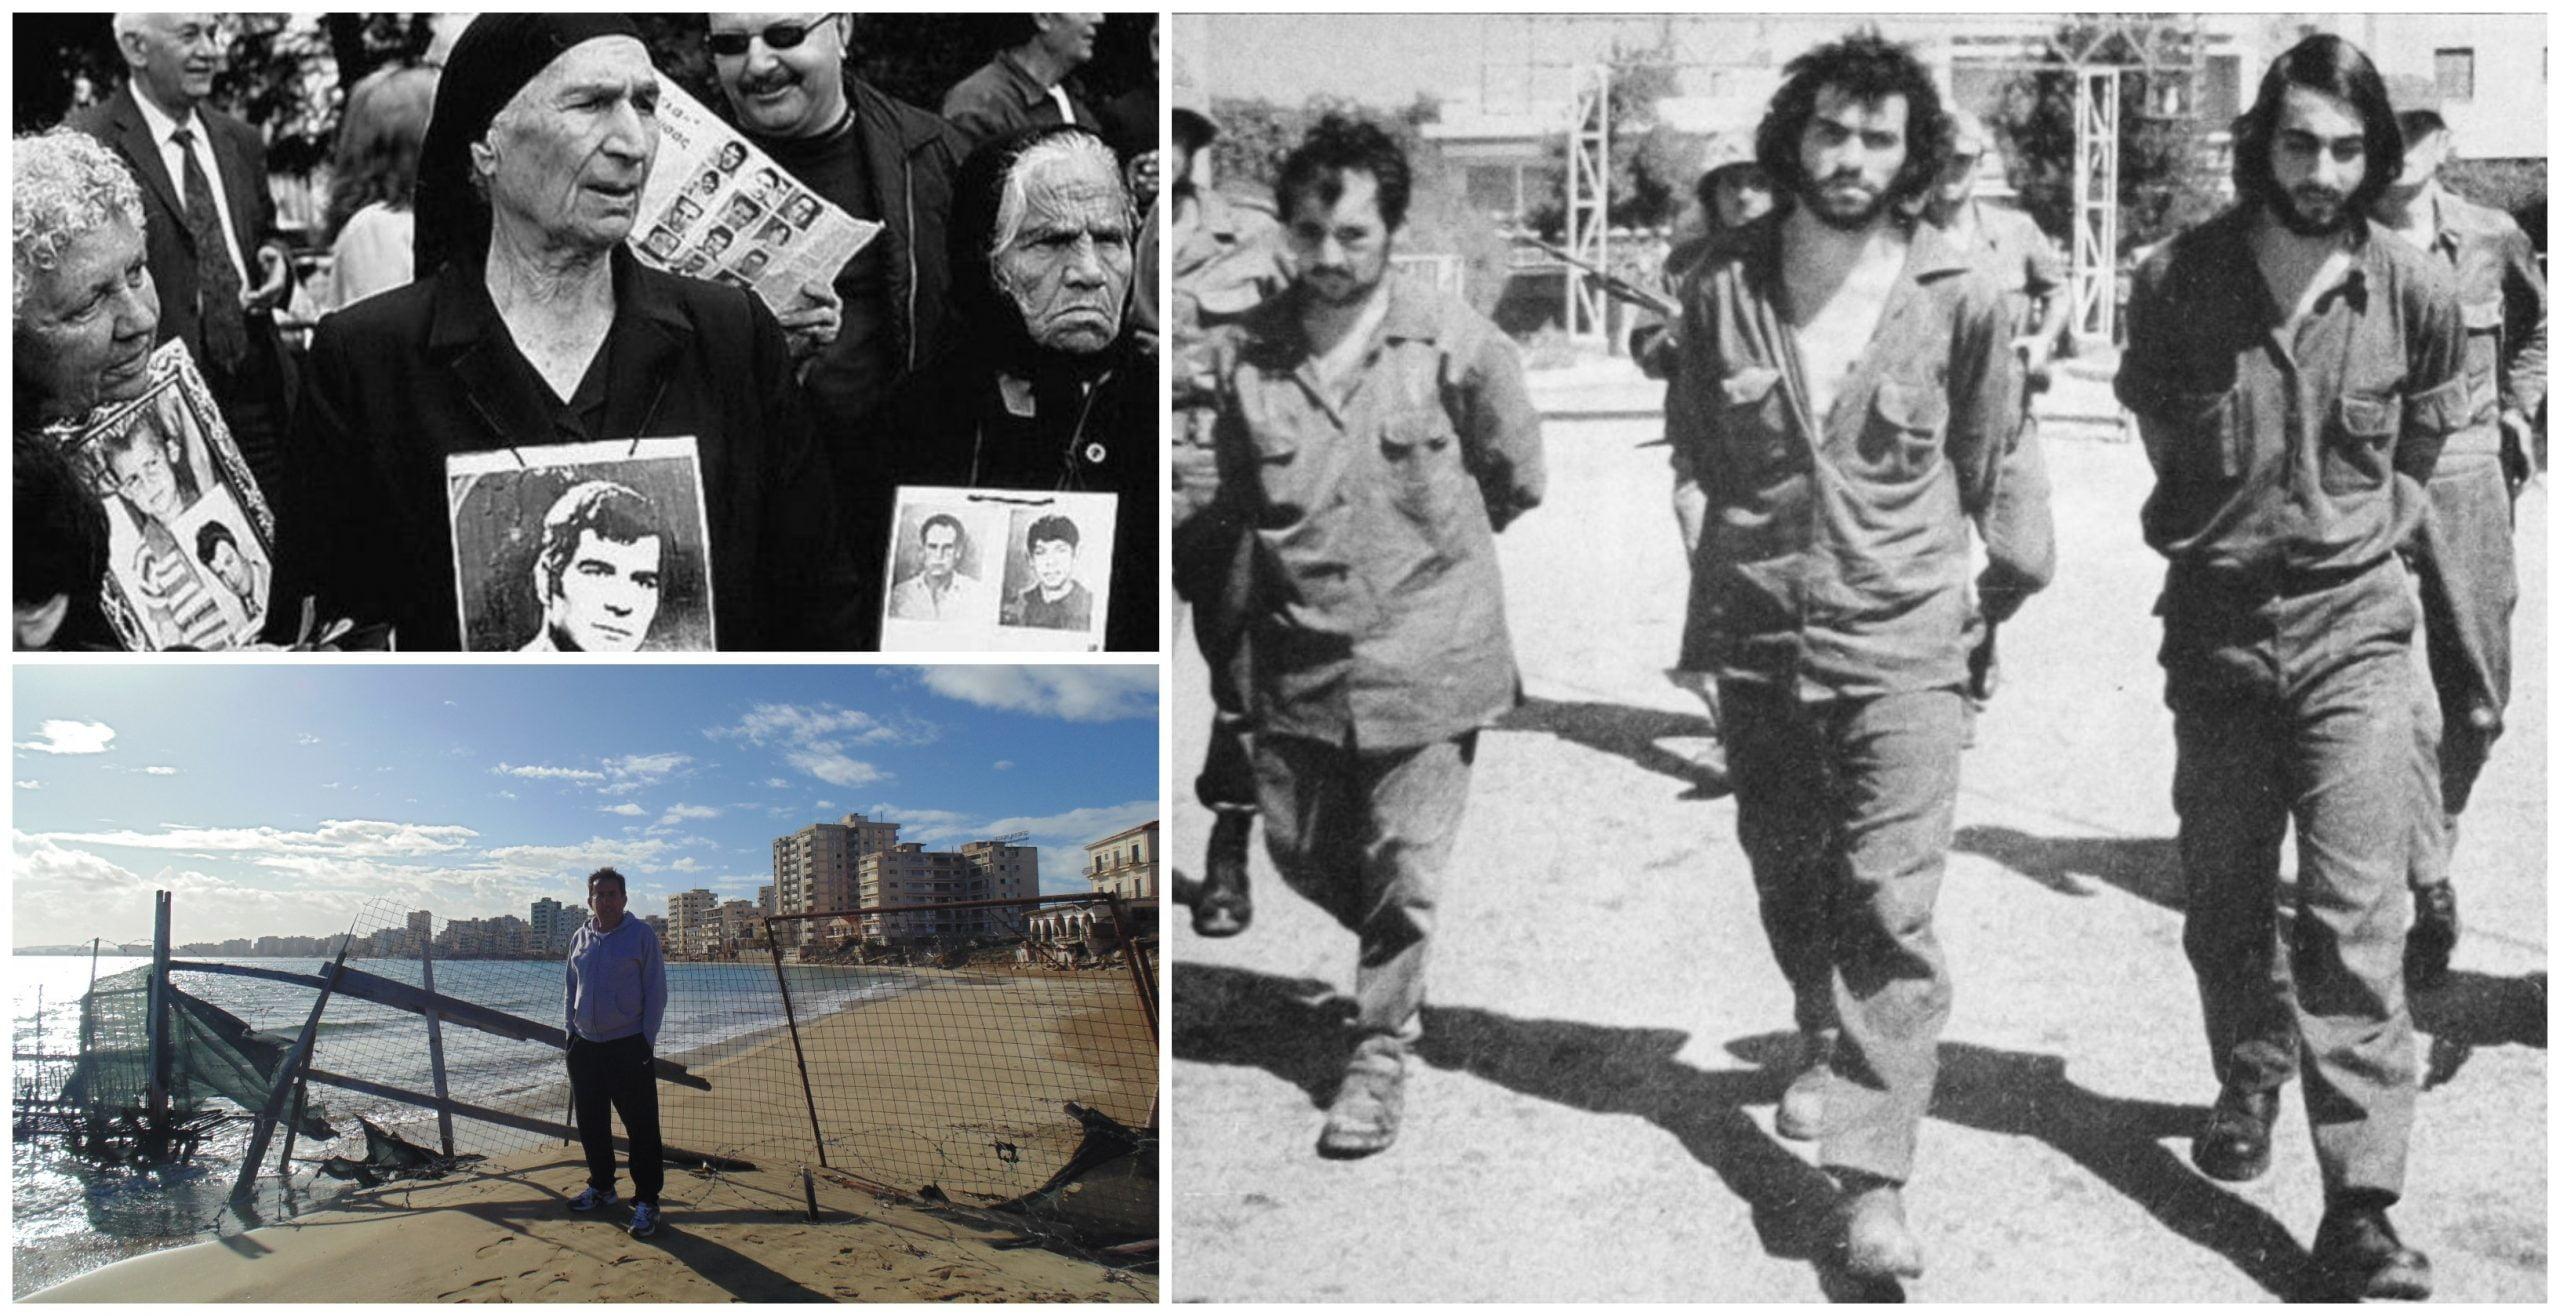 Εισβολή 1974 – Ανατριχιαστική μαρτυρία Ελληνοκύπριου: «Βρέθηκα αιχμάλωτος στα Άδανα – Ήμουν μόλις 17 ετών – Ακόμα απορώ πώς έζησα»